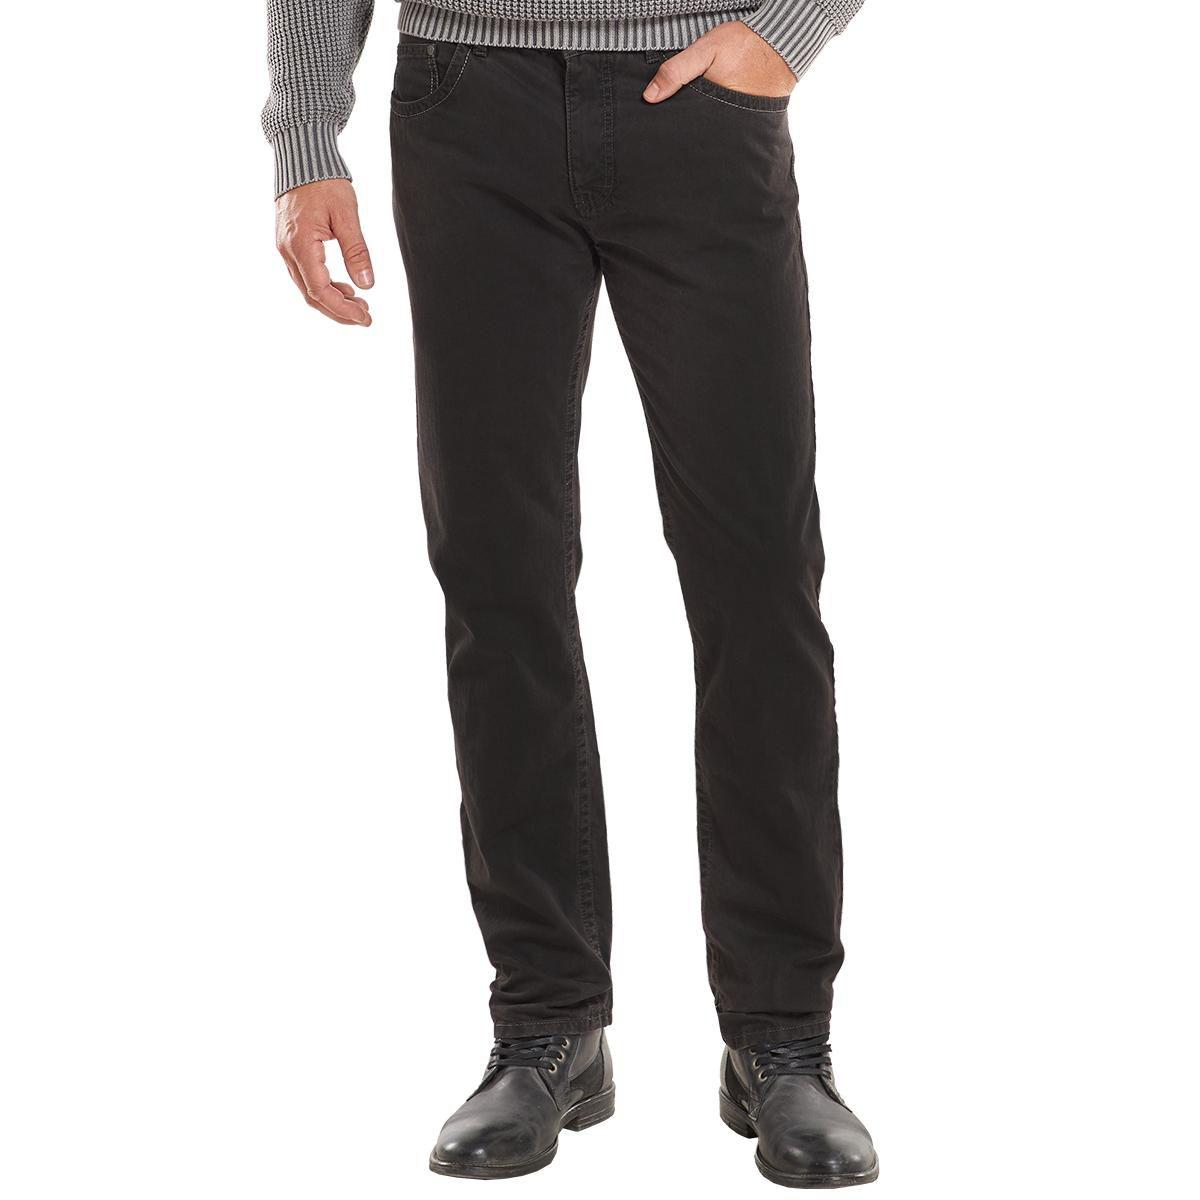 ENGBERS engbers Doppelt gefärbte Hose